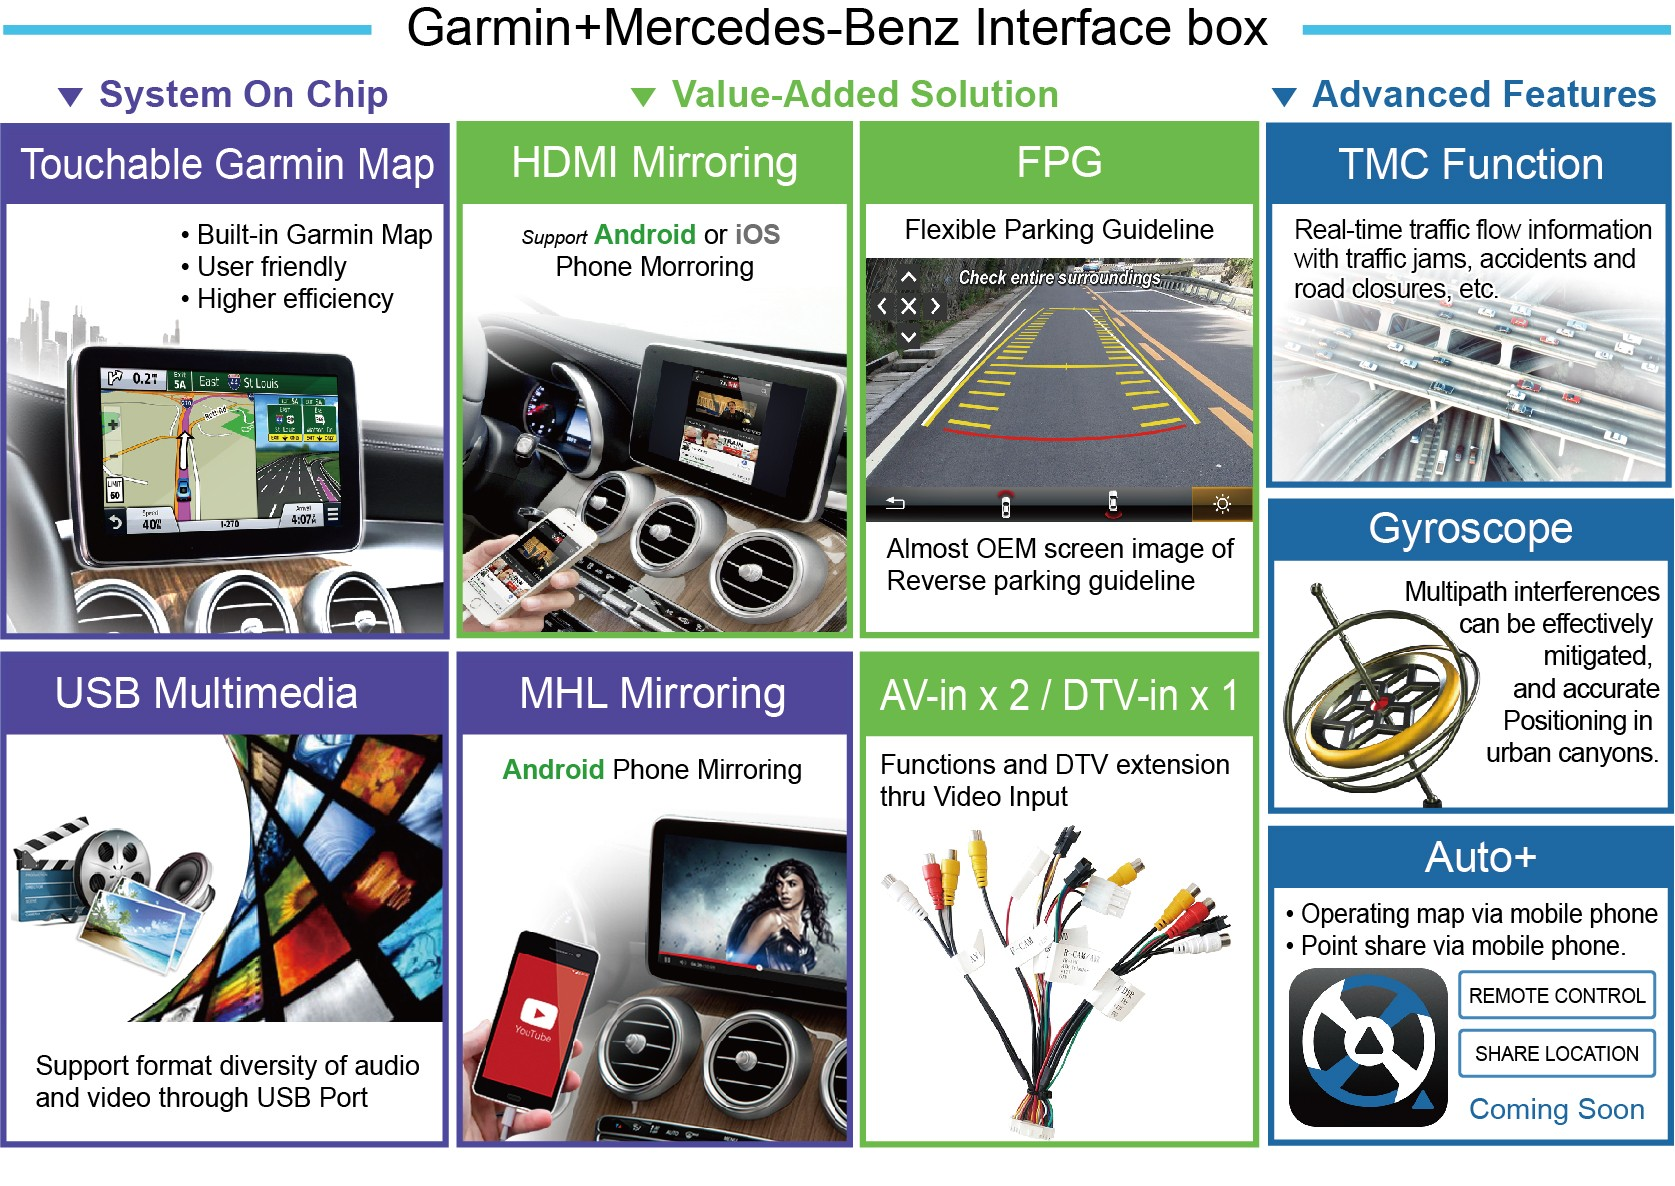 Garmin Mercedes-Benz Interface box